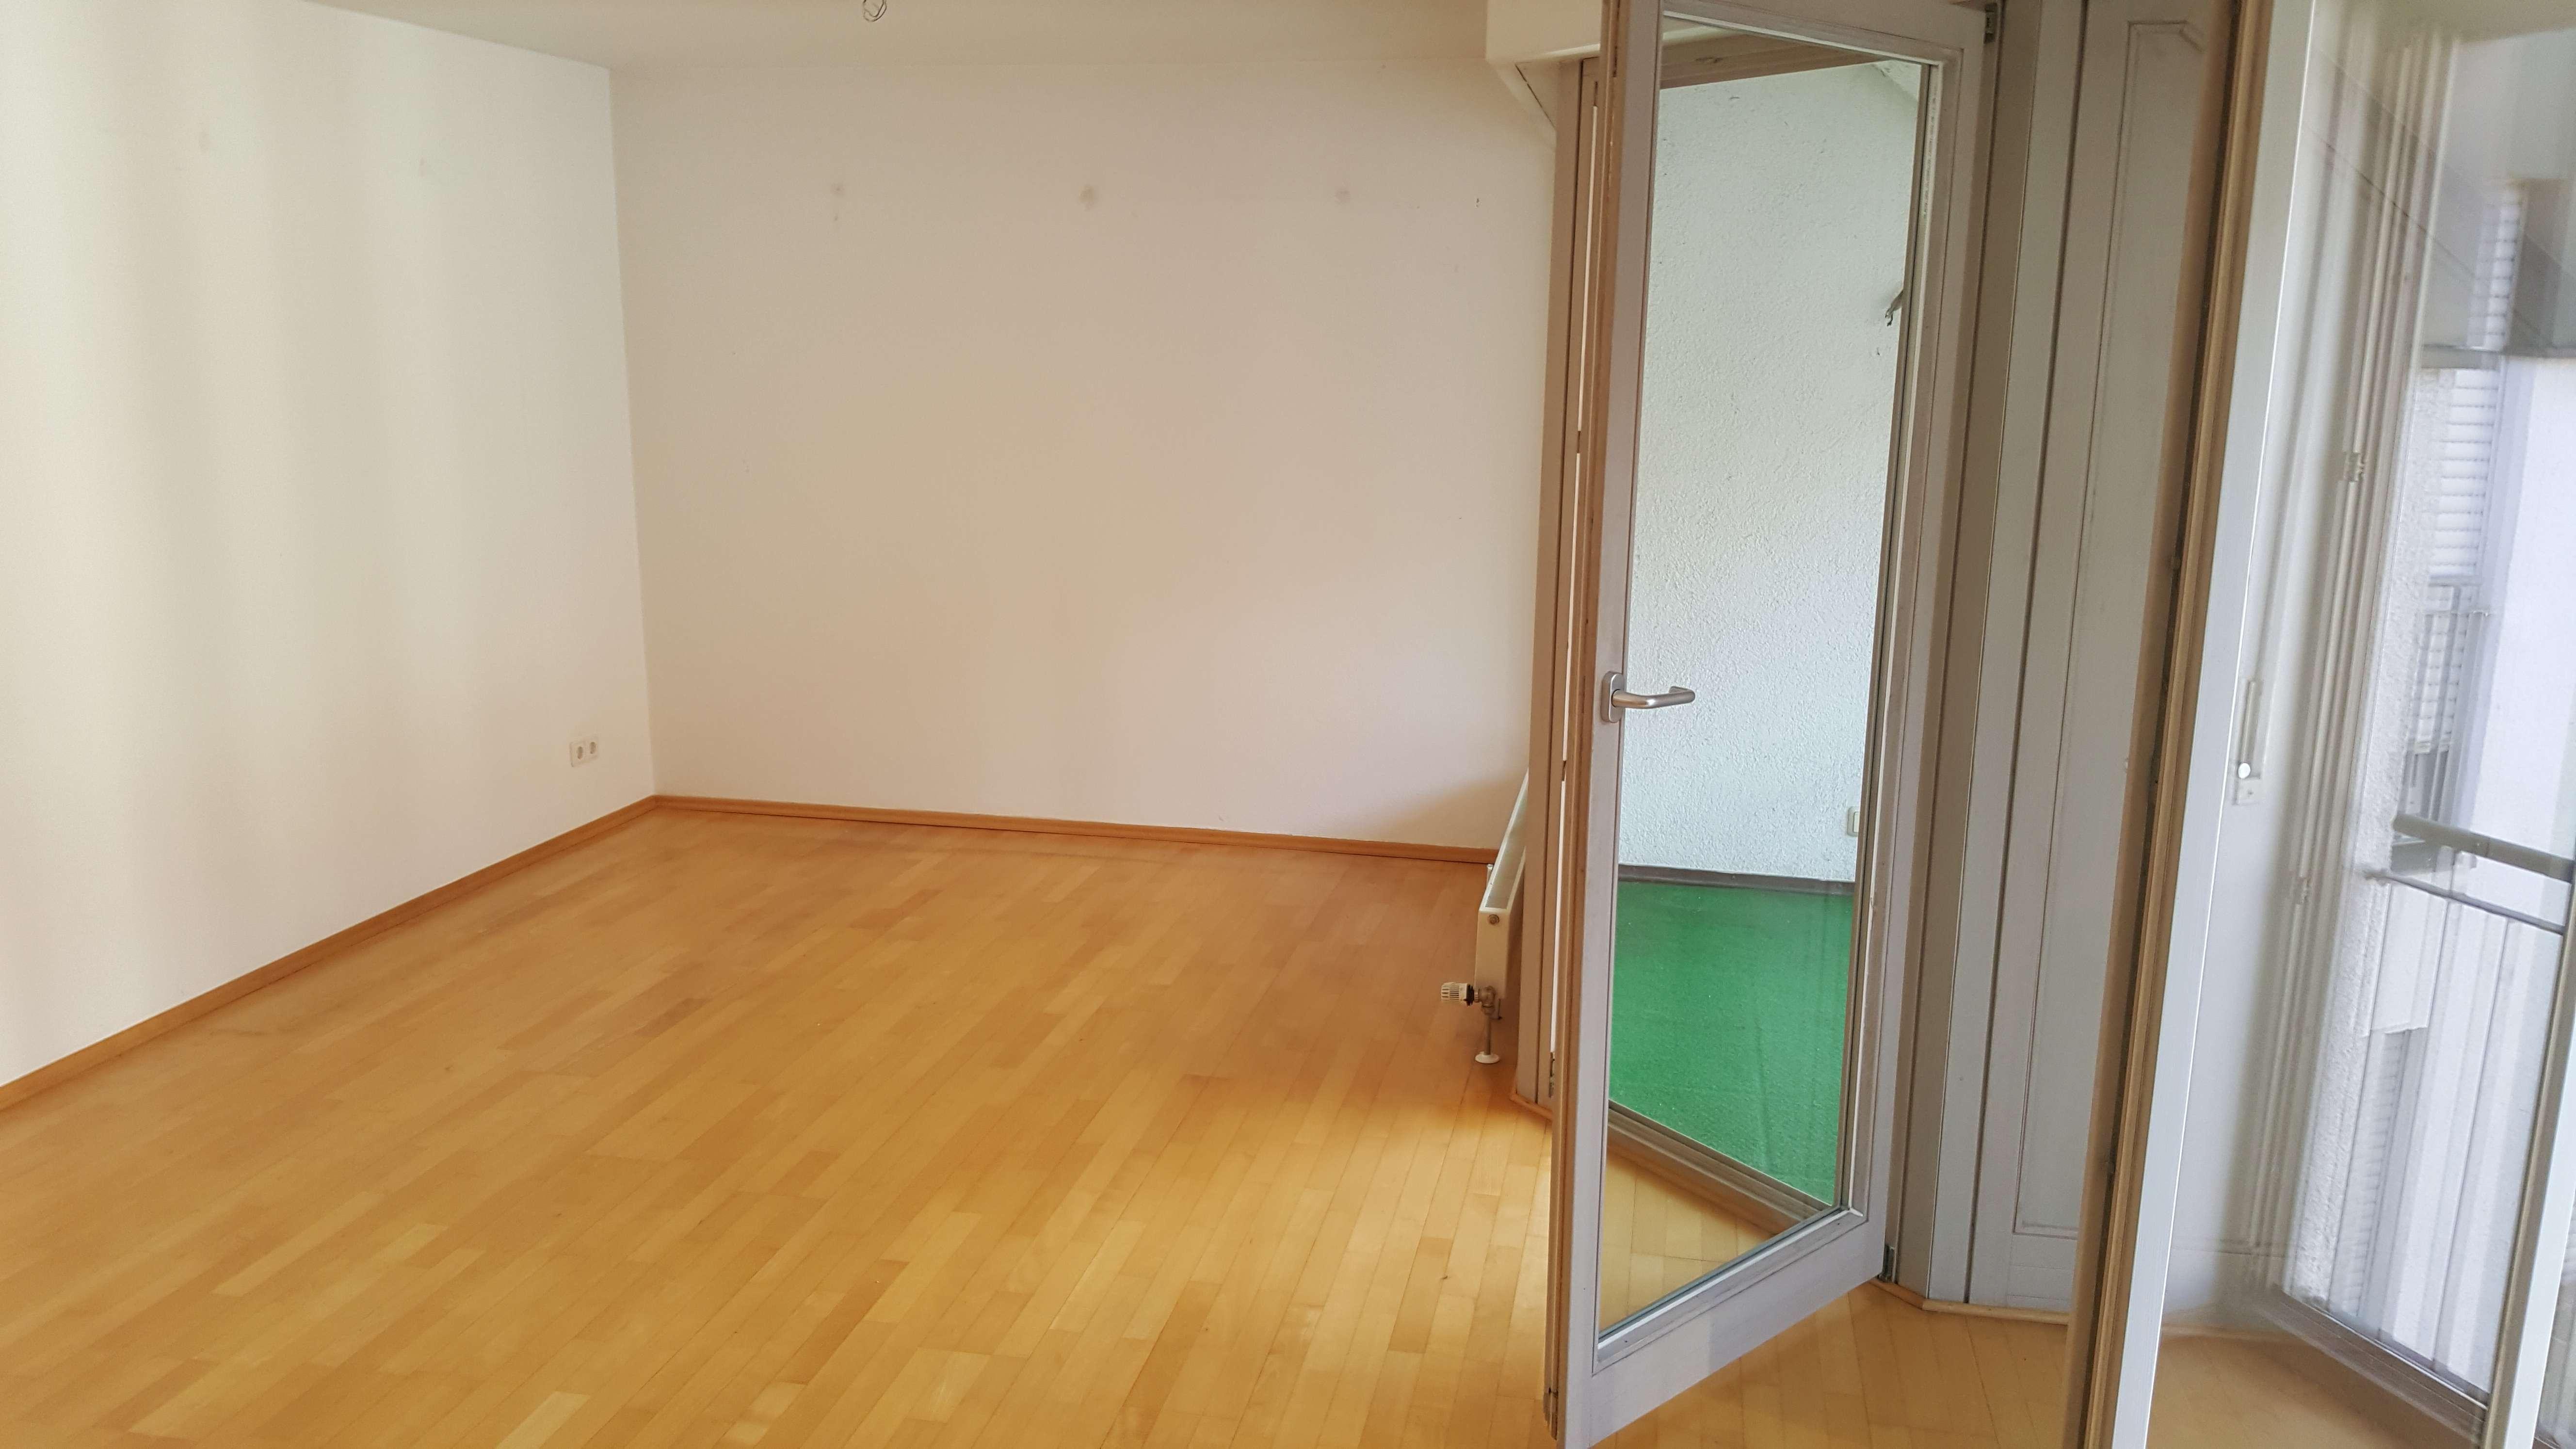 Schöne, geräumige zwei Zimmer Wohnung in Ingolstadt, Mitte in Mitte (Ingolstadt)